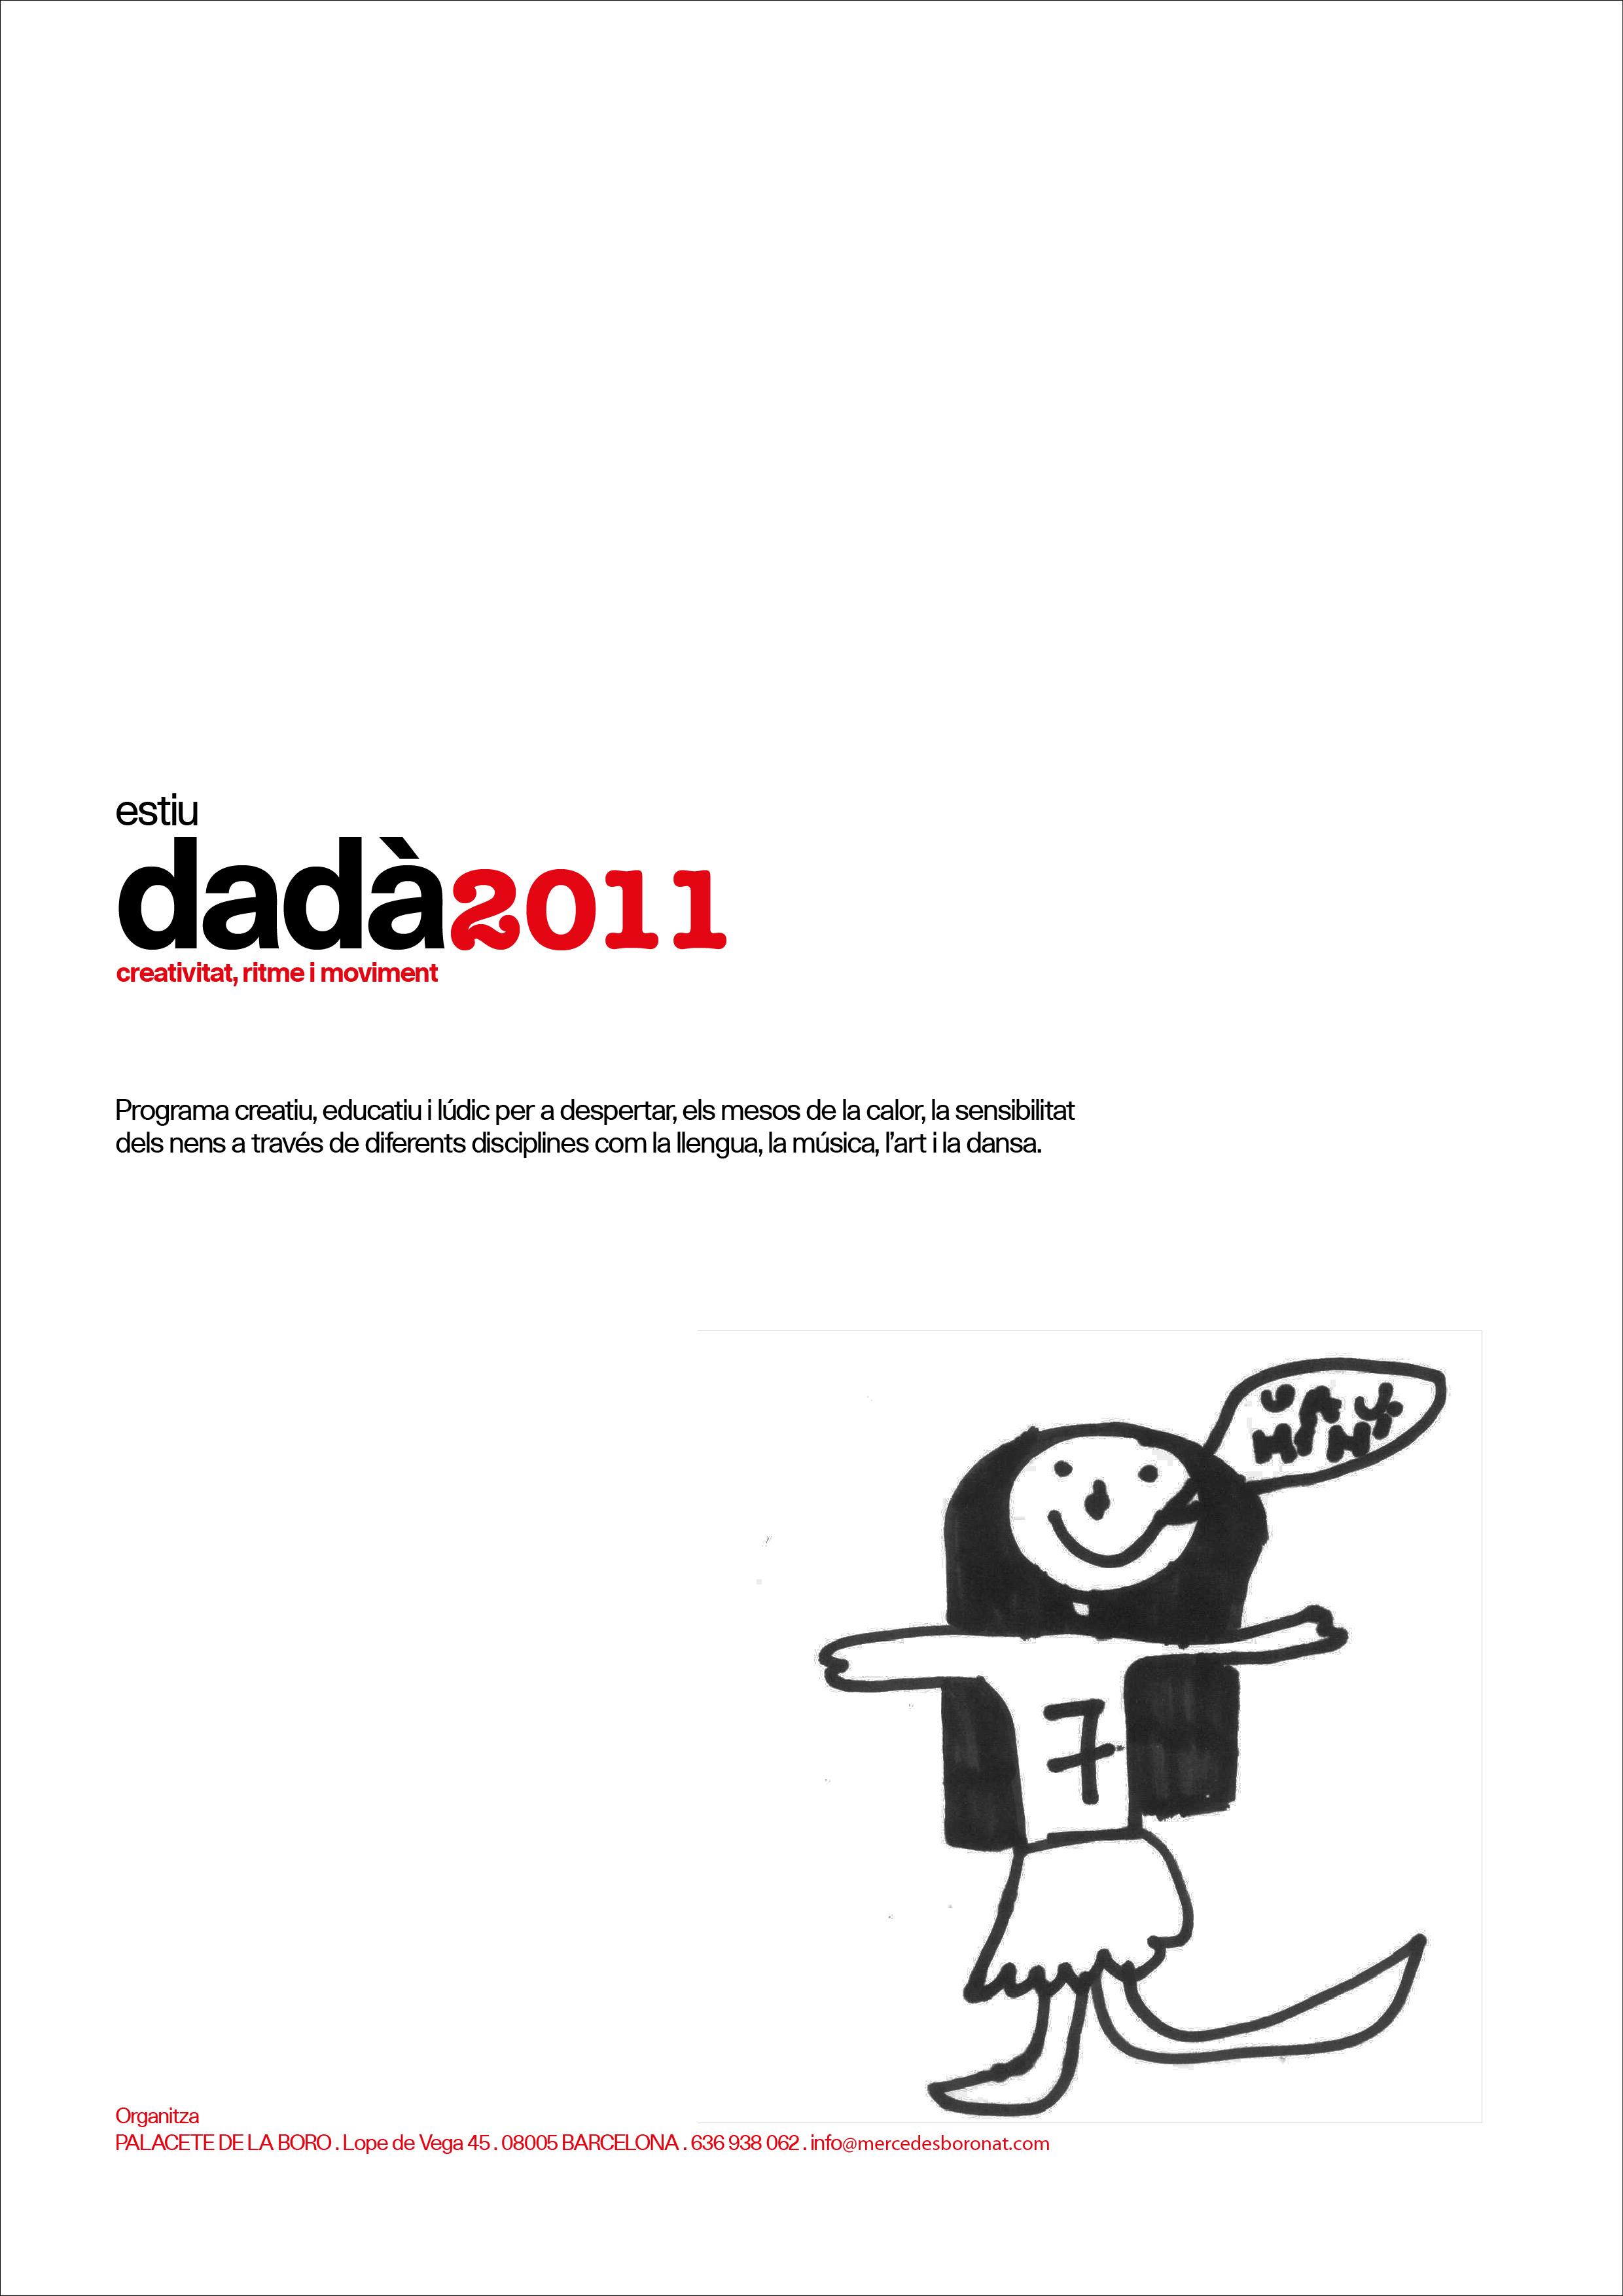 Portada_dossier_2011-02.jpg